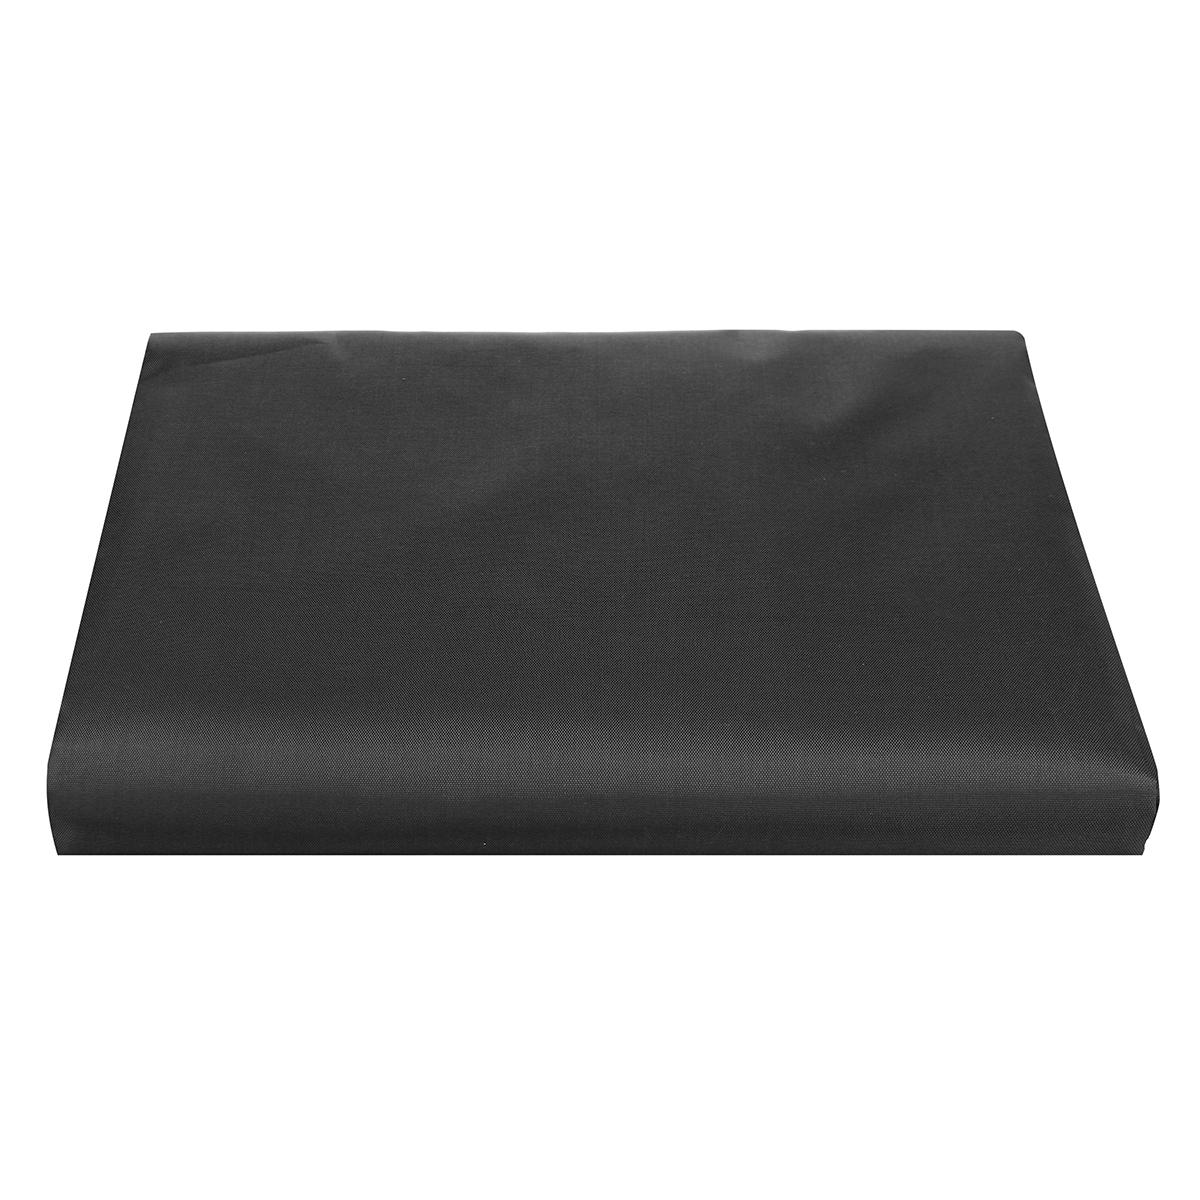 280*150cm Waterproof Dustproof Table Tennis Cover P ing Pong Storage Cover US